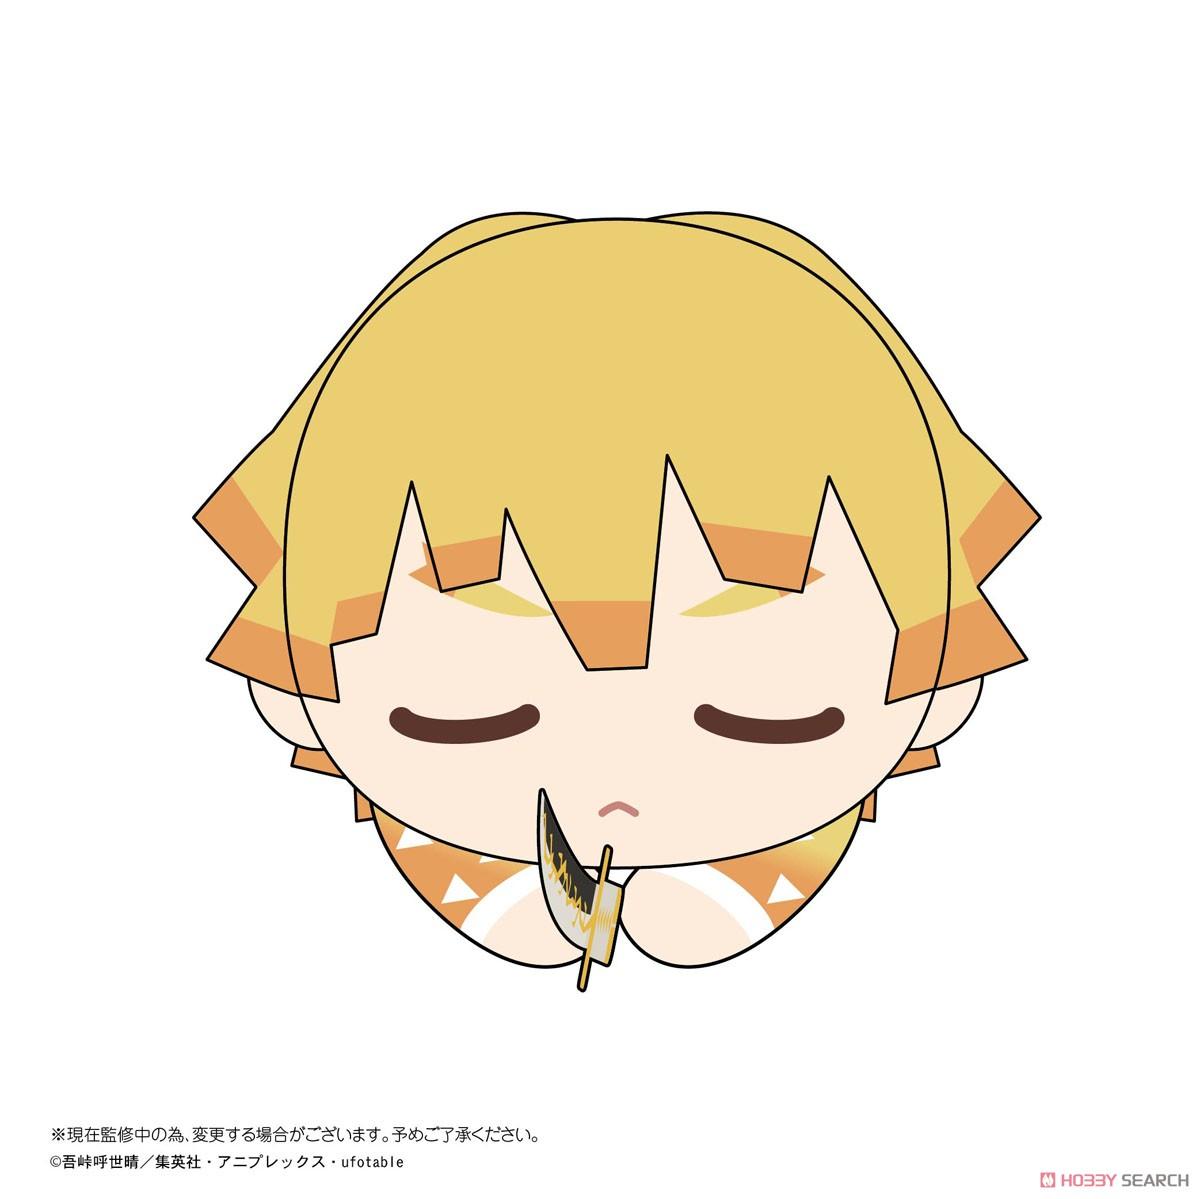 鬼滅の刃『はぐキャラコレクション3』8個入りBOX-003